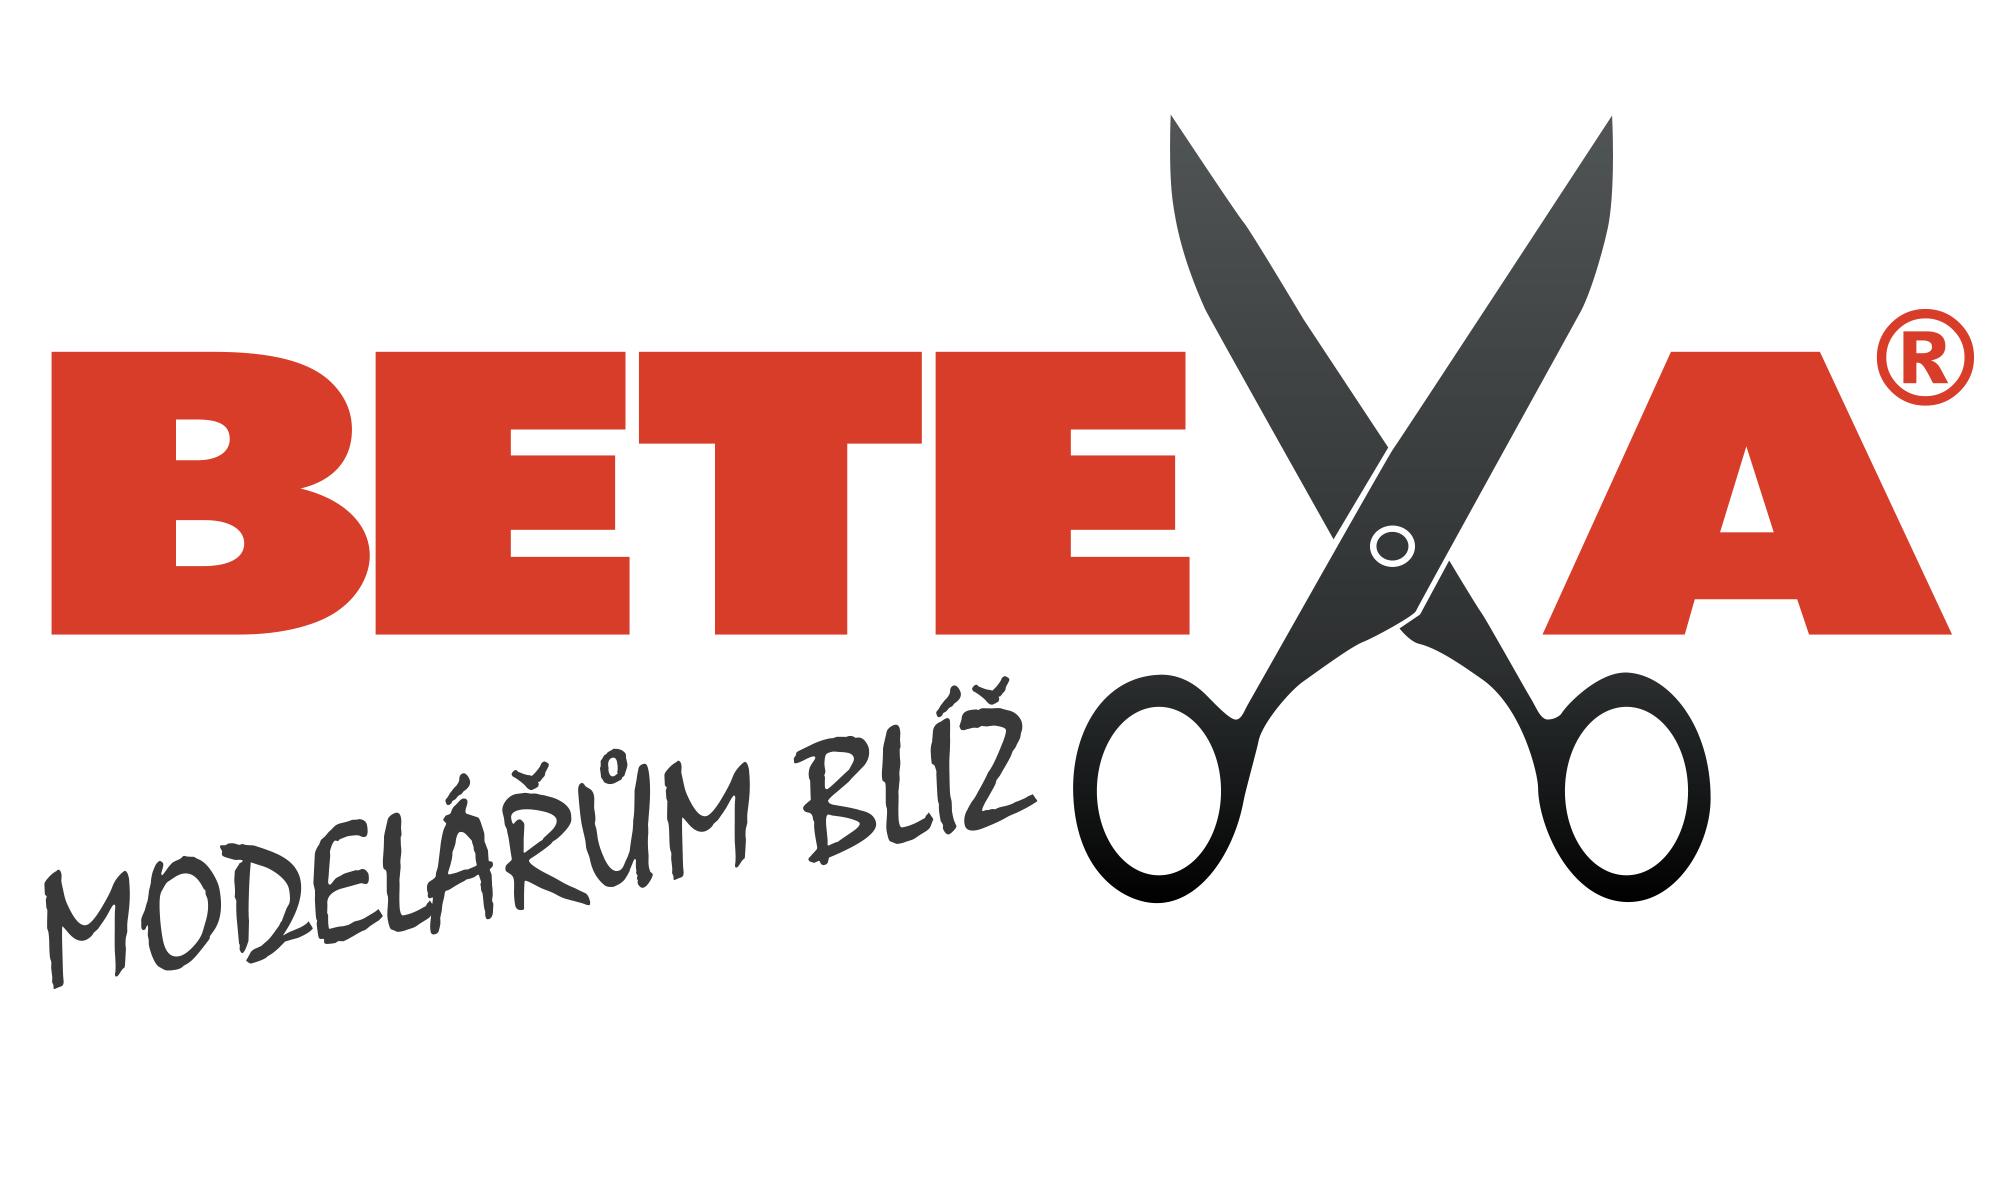 betexa_logo_slogan_velke.png